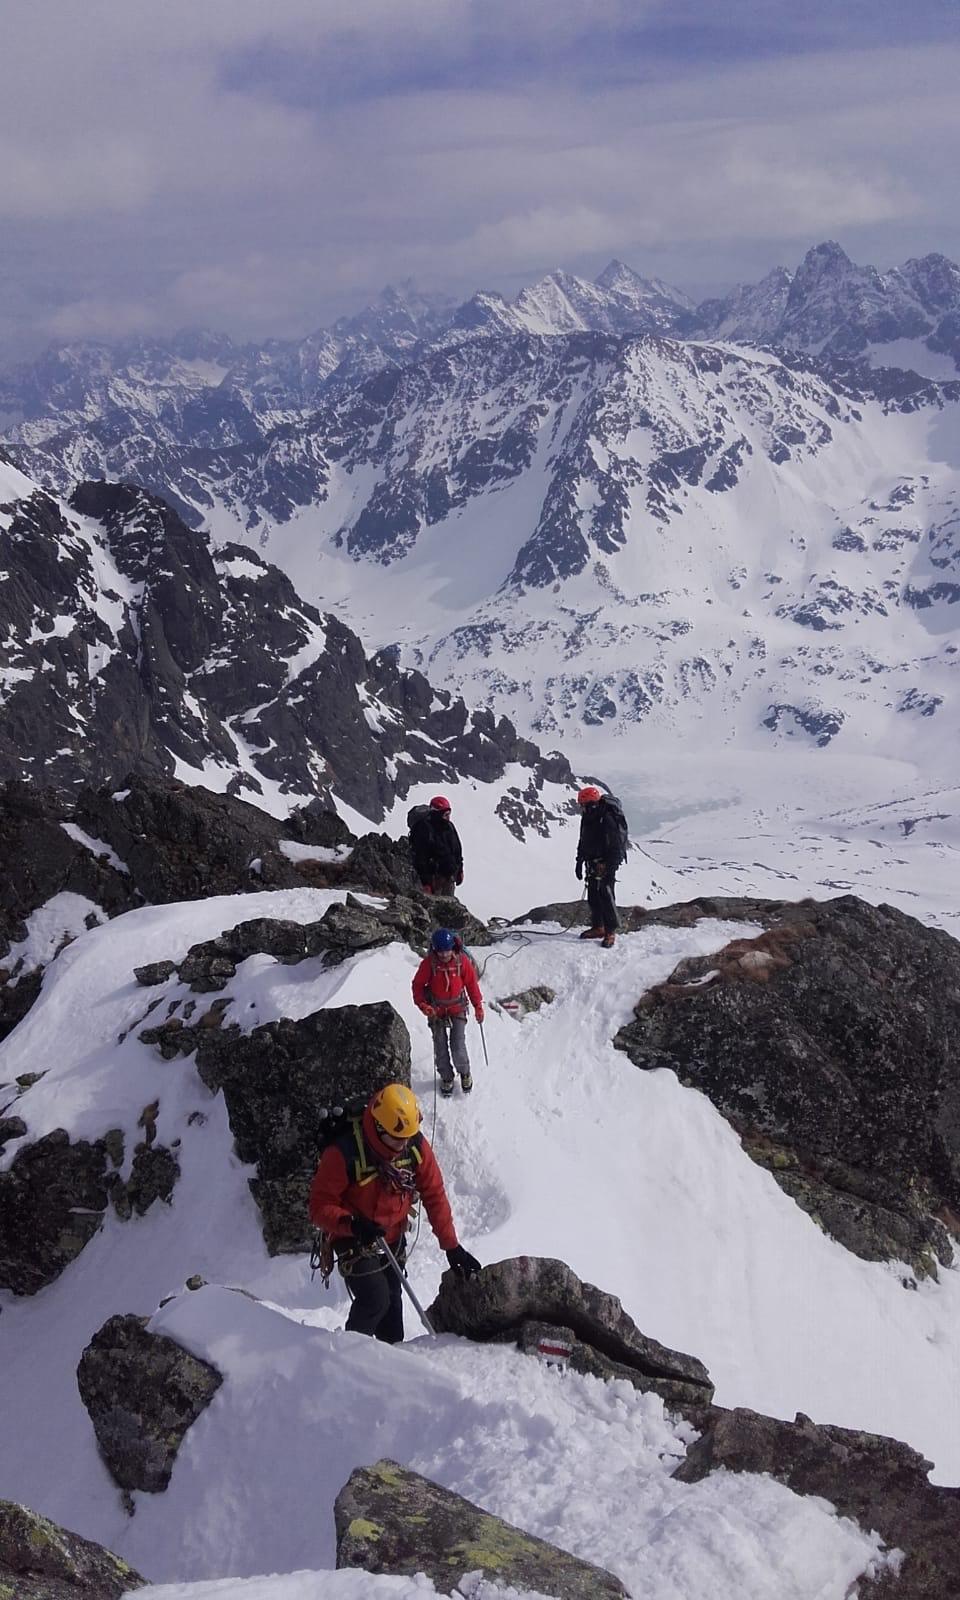 alpiniści na ścieżce górskiej